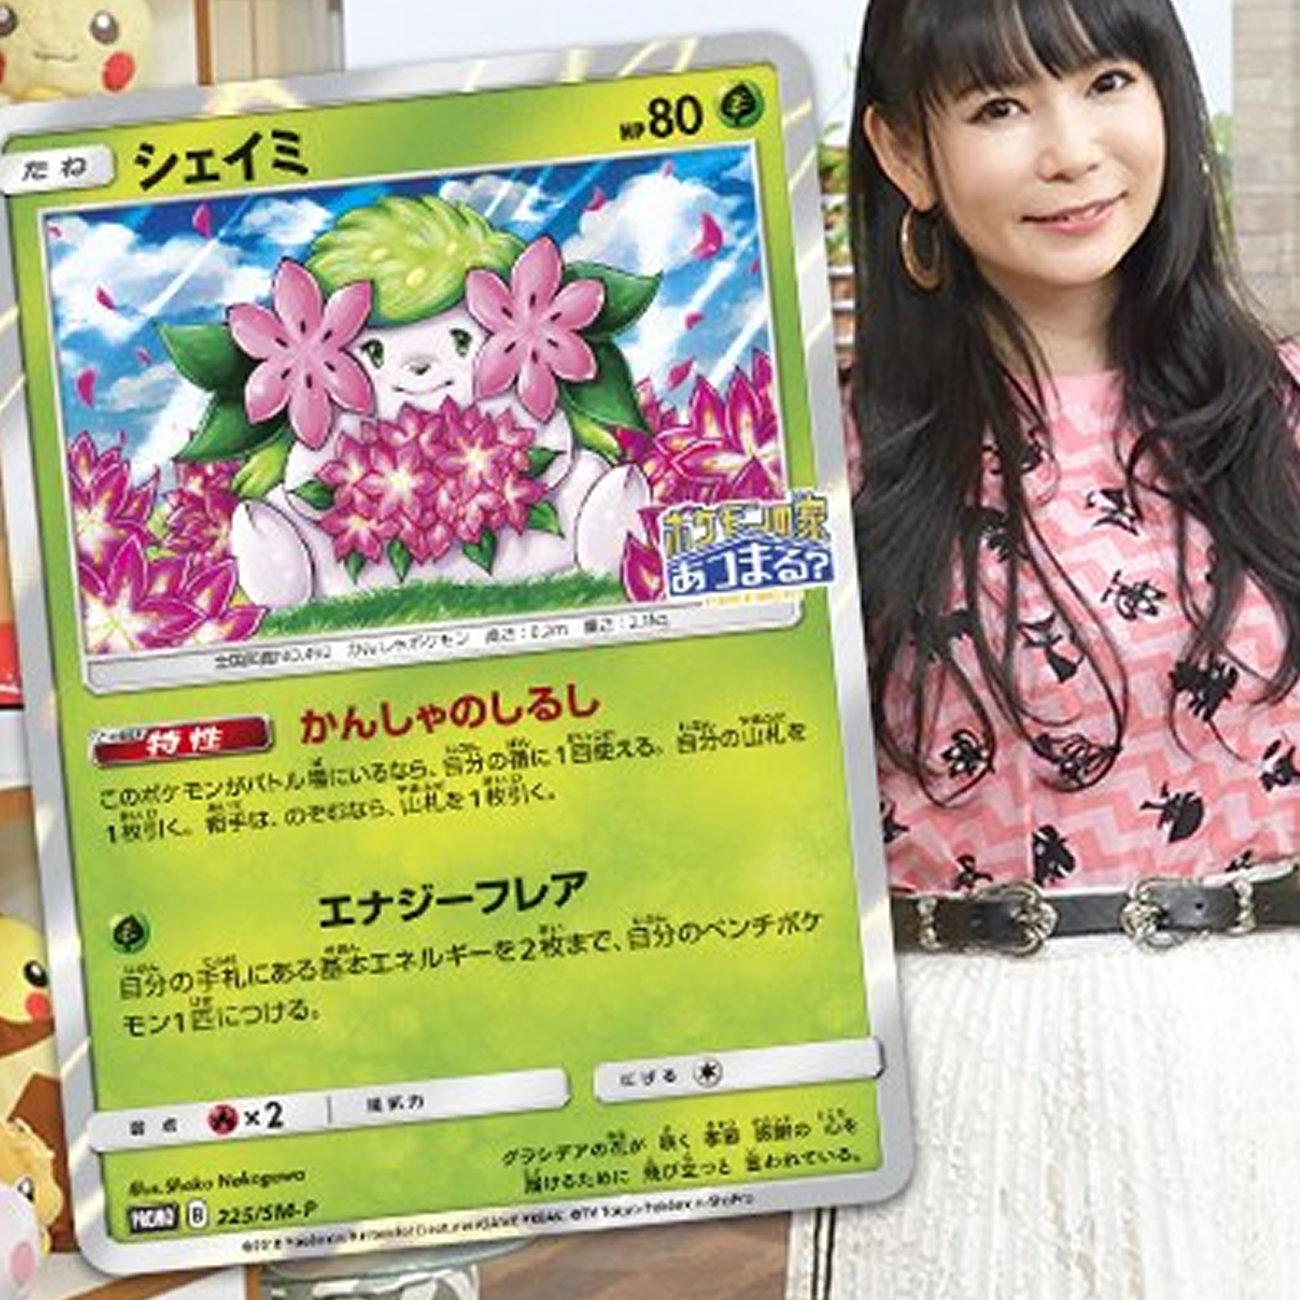 ポケモンカード中川翔子さんのシェイミのプレゼントが決定普通に強い